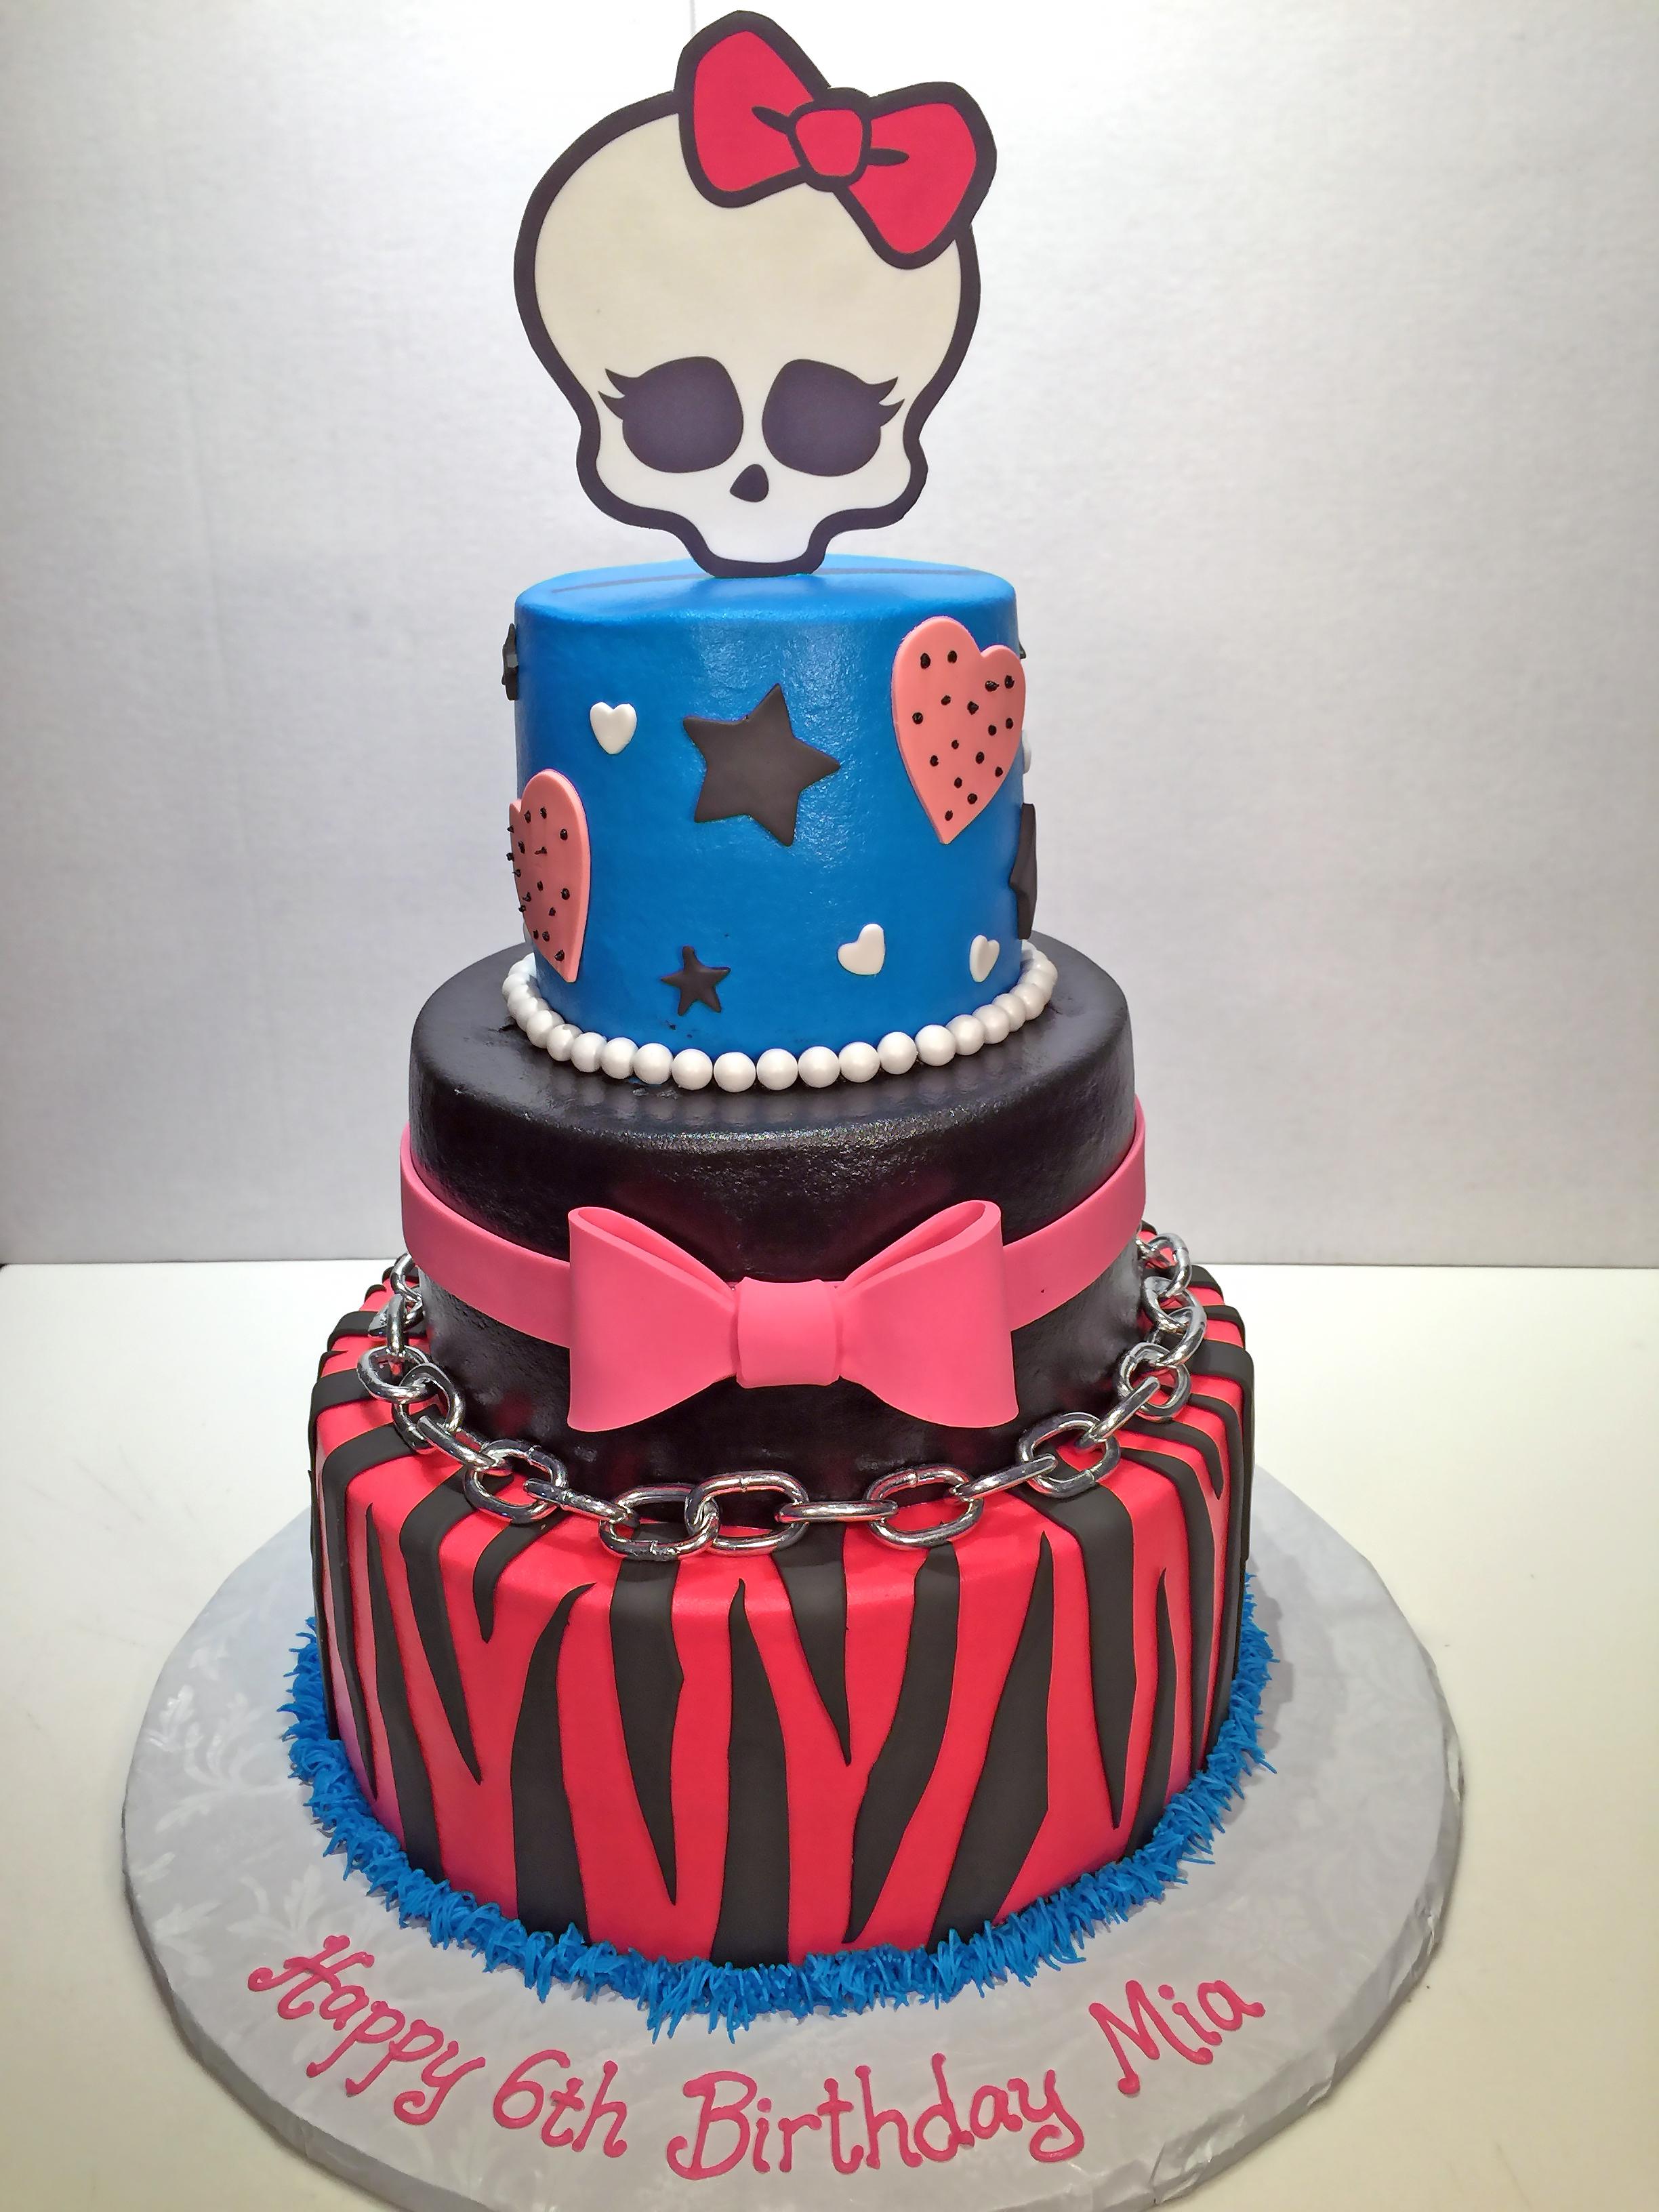 3tier-birthday-cake-girls-monster-high-skullette-085